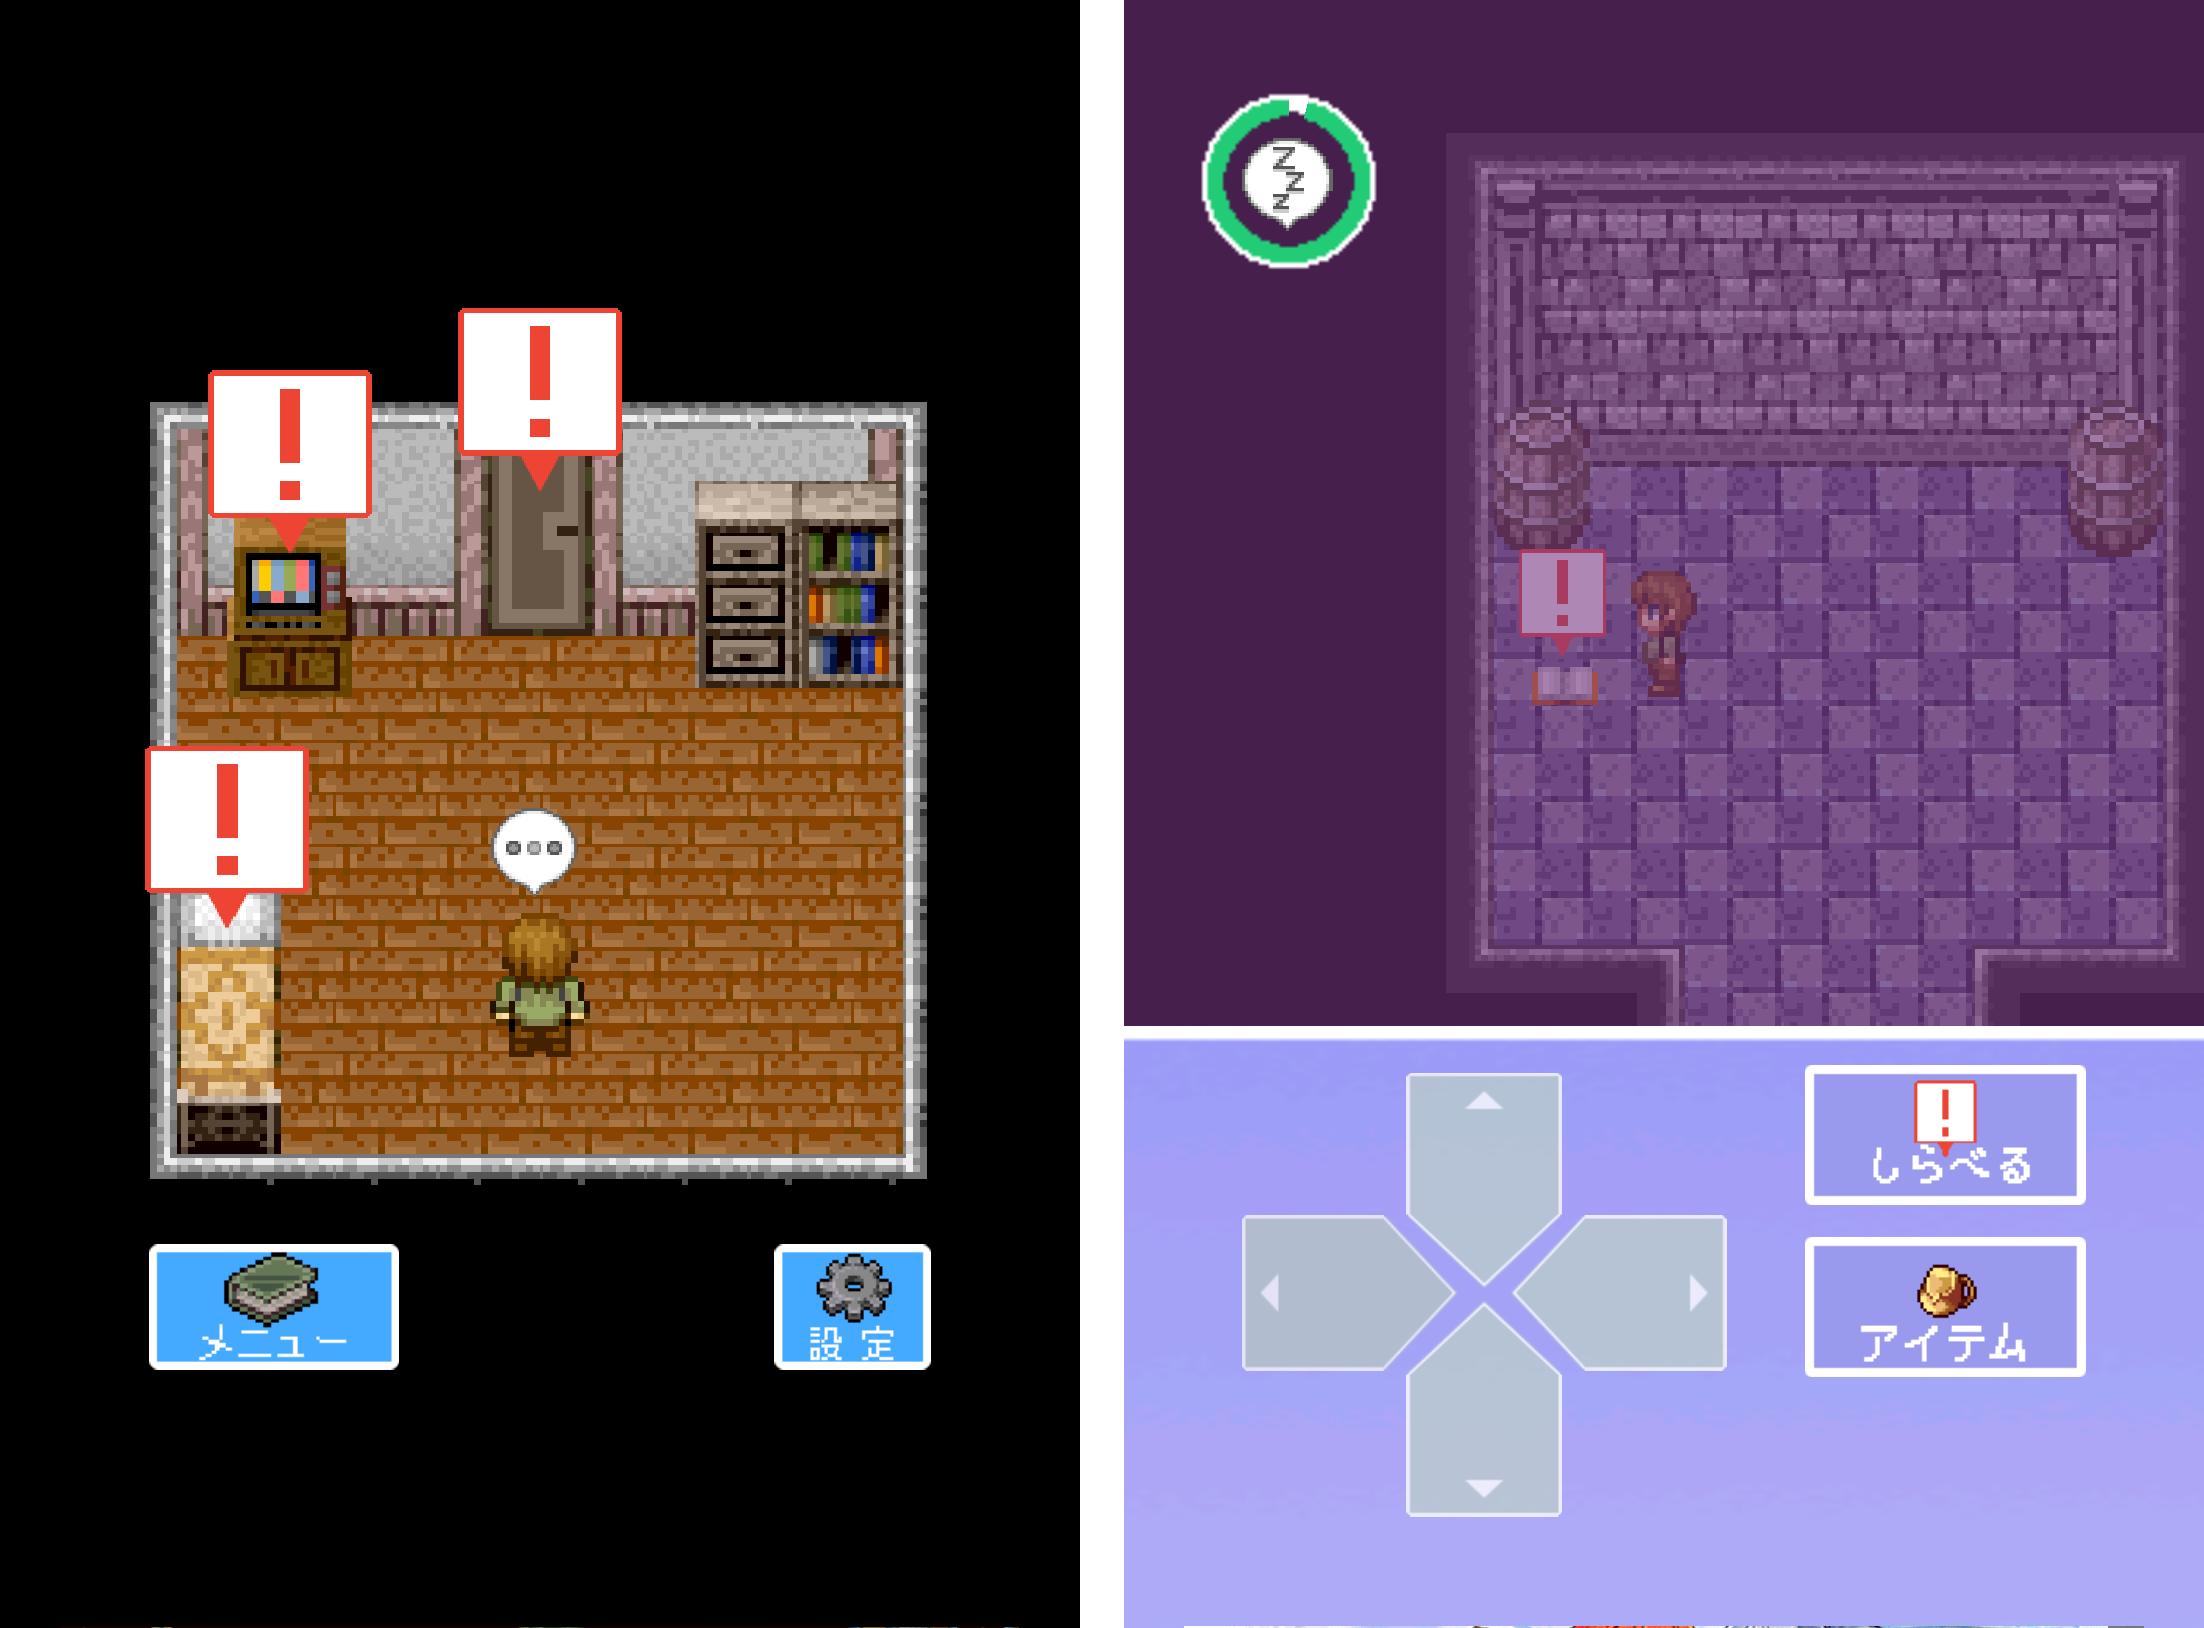 絶望勇者と夢の世界 androidアプリスクリーンショット1